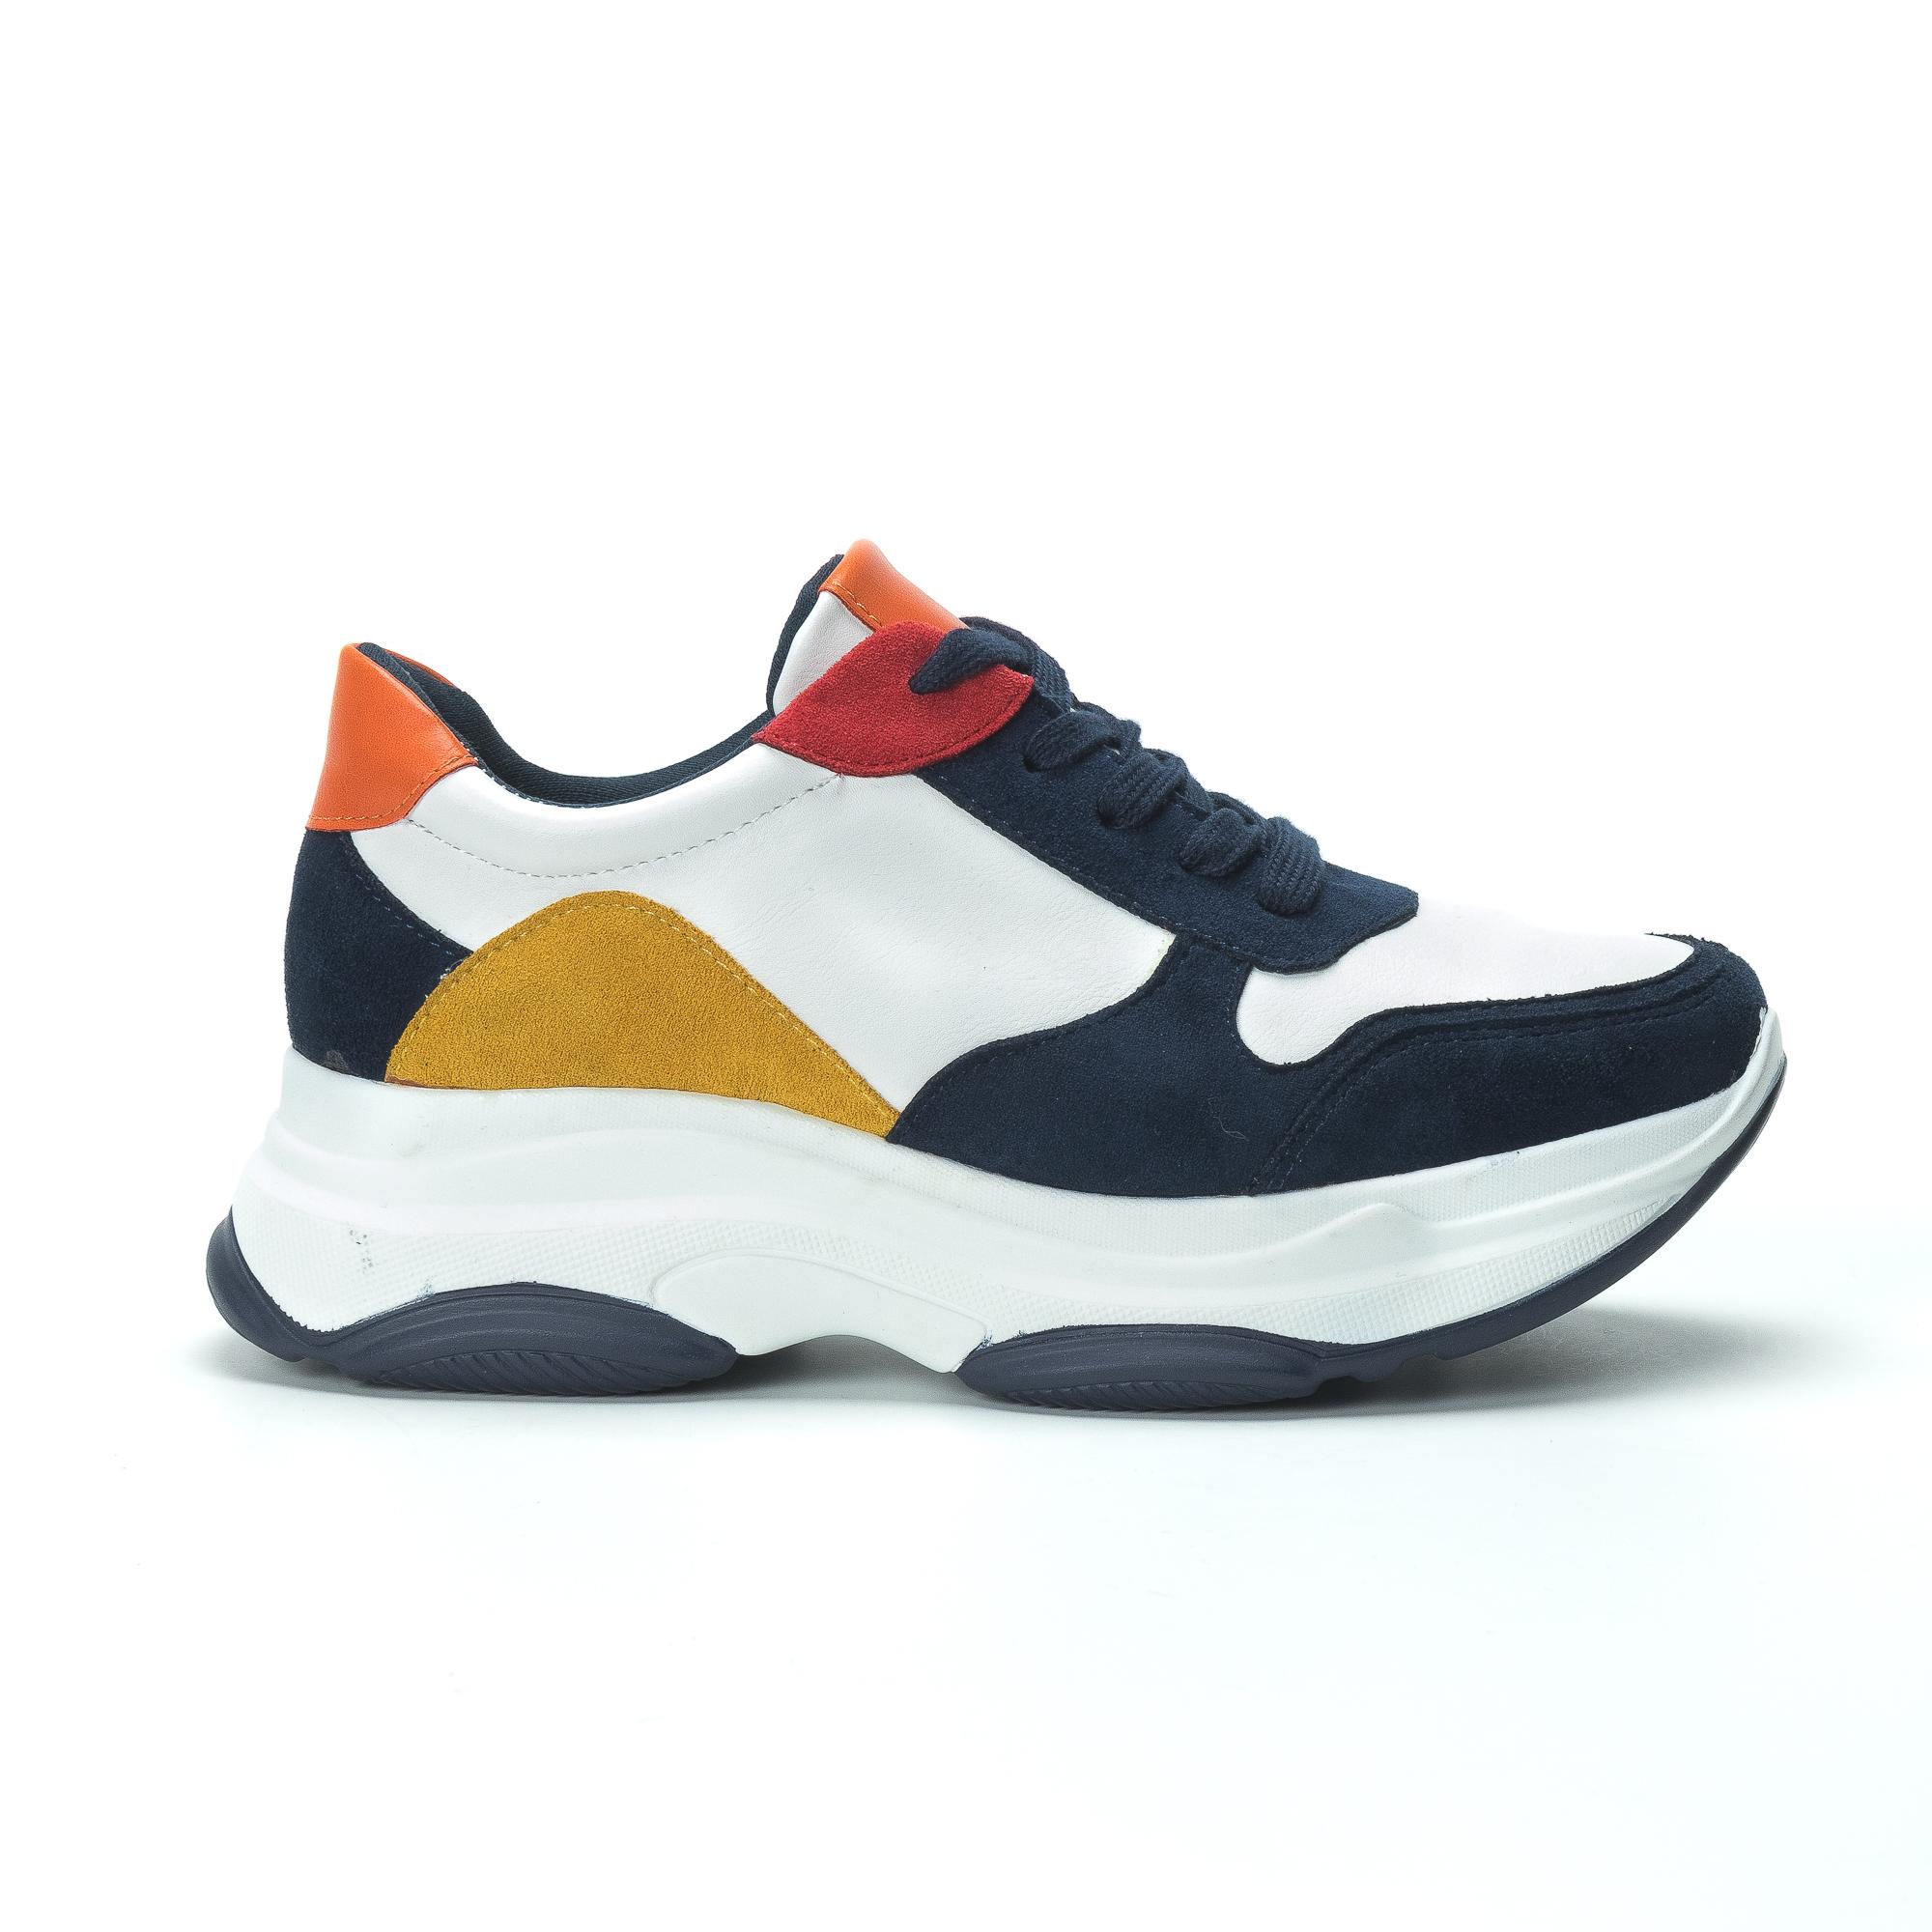 Γυναικεία πολύχρωμα sneakers με πλατφόρμα b1e928d817a